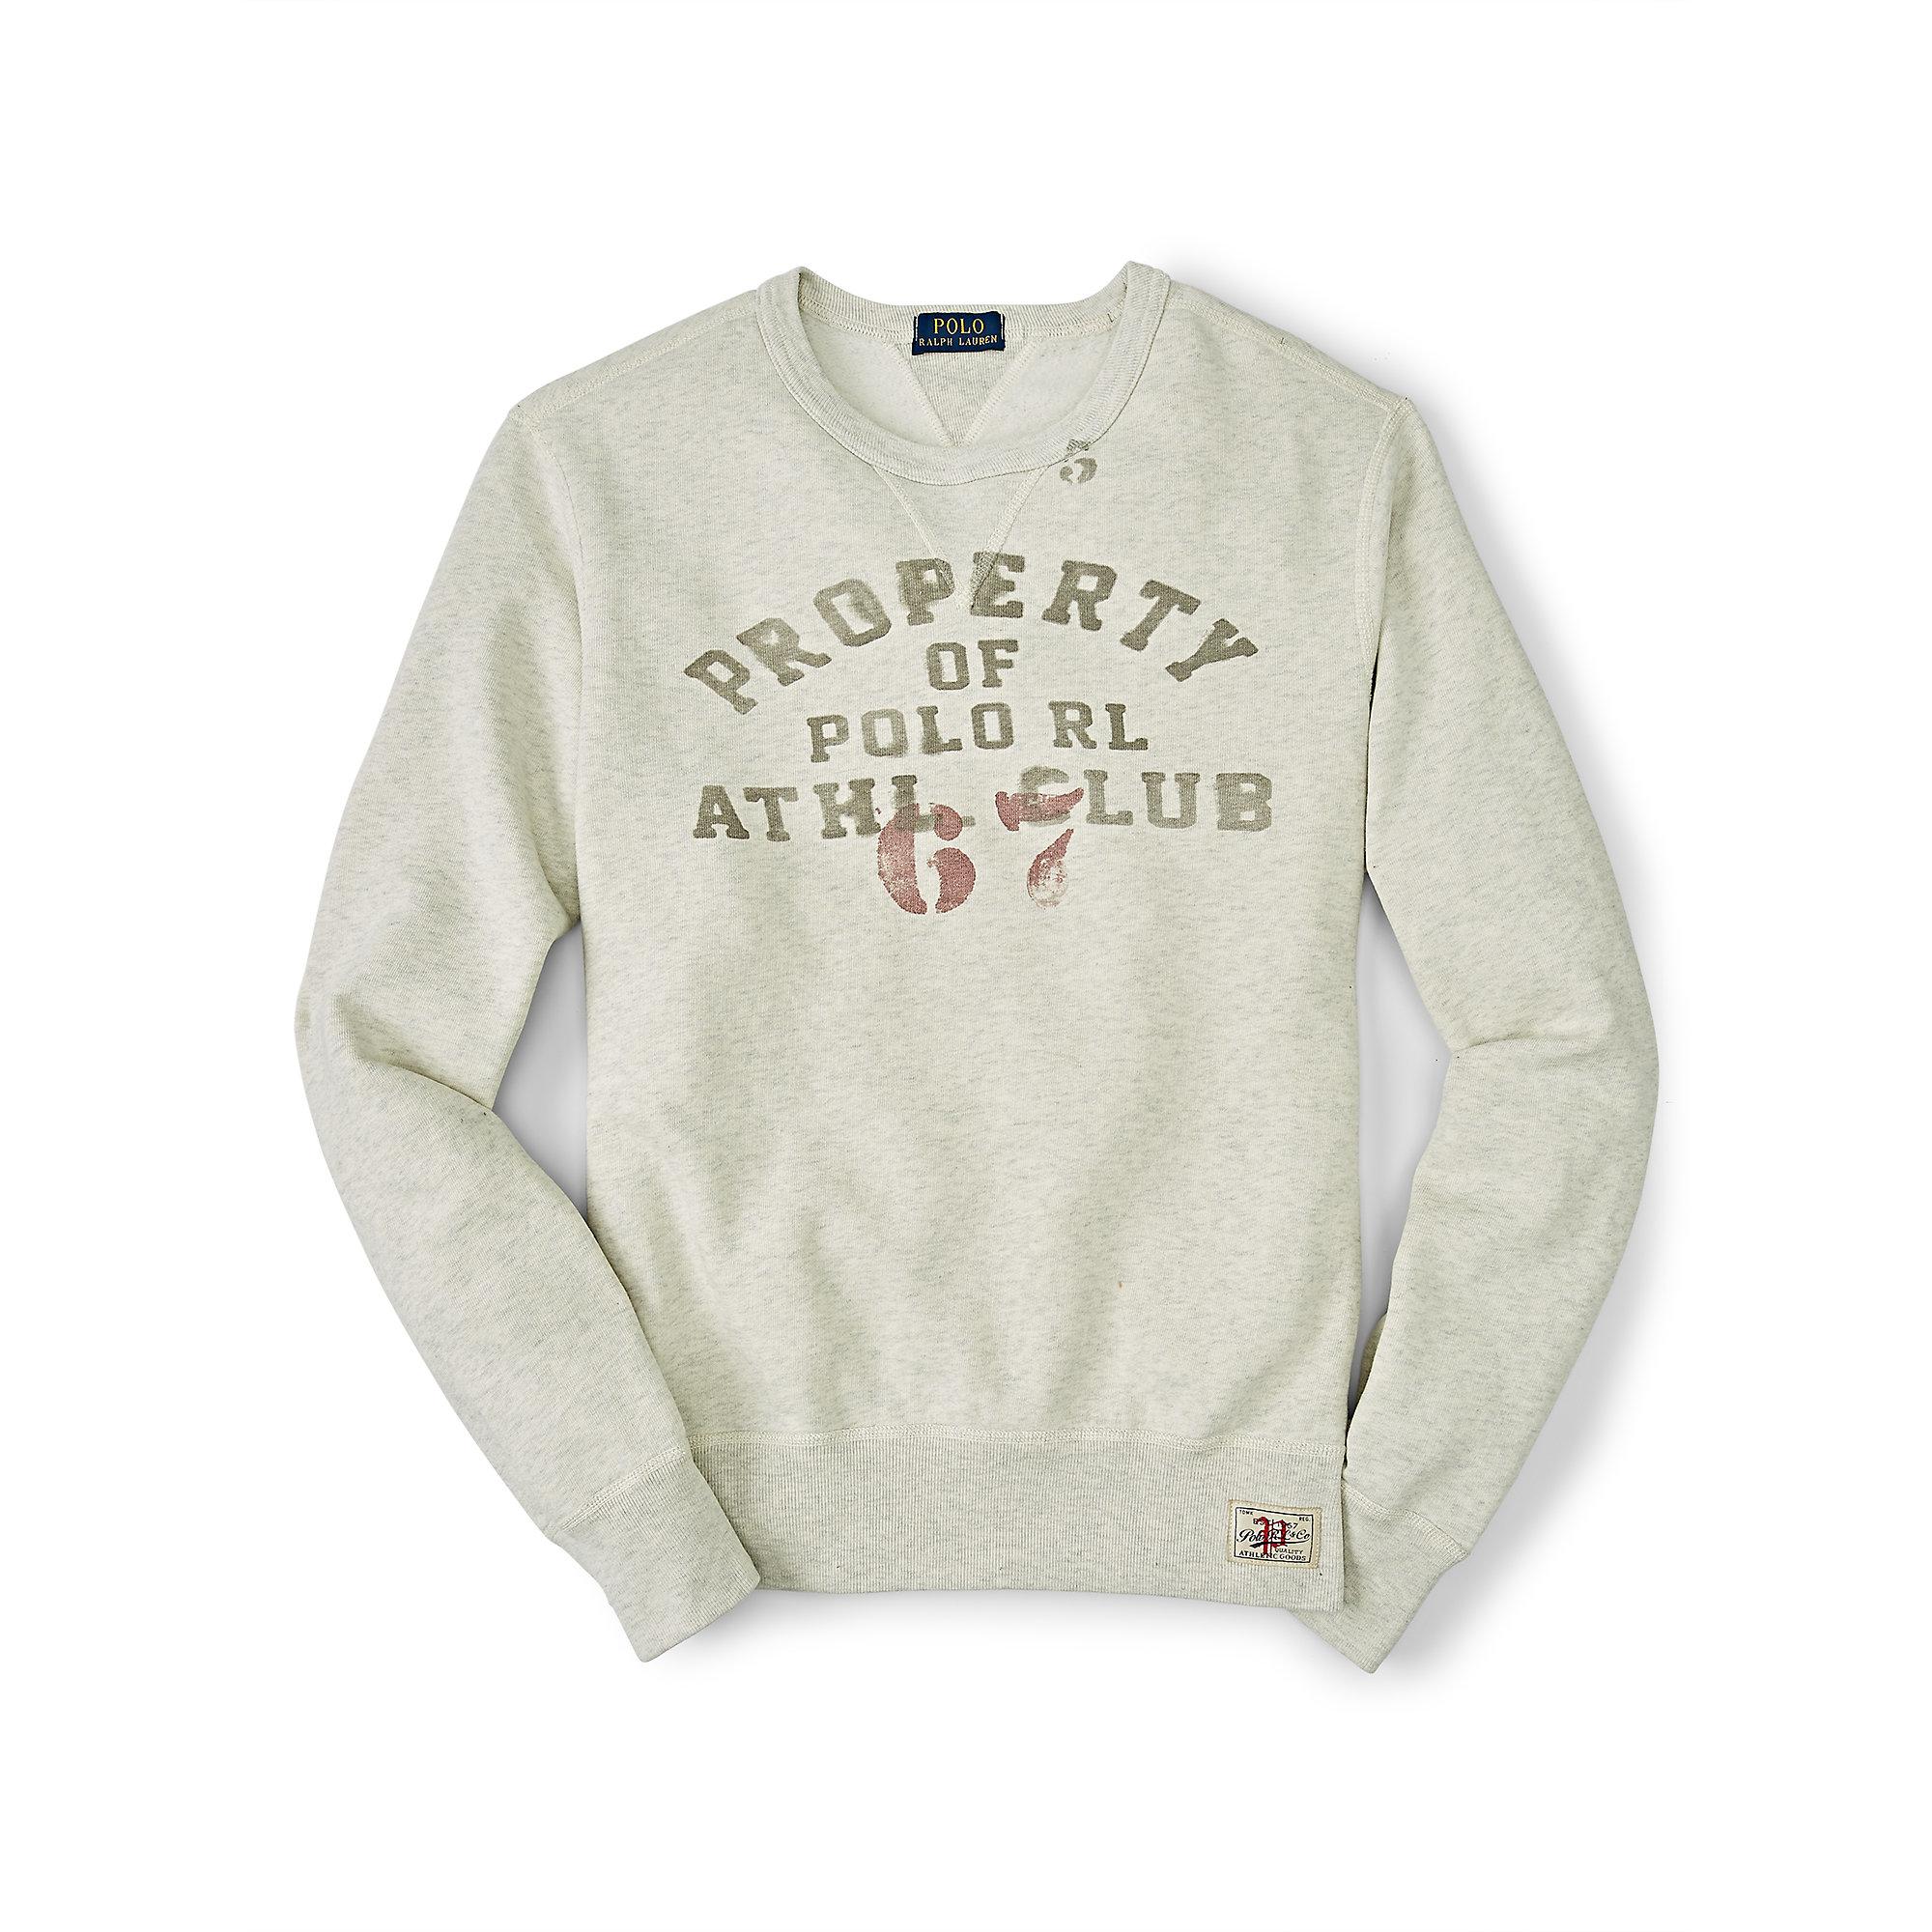 7bf313c786c1 Lyst - Polo Ralph Lauren Cotton-blend-fleece Sweatshirt in Natural ...